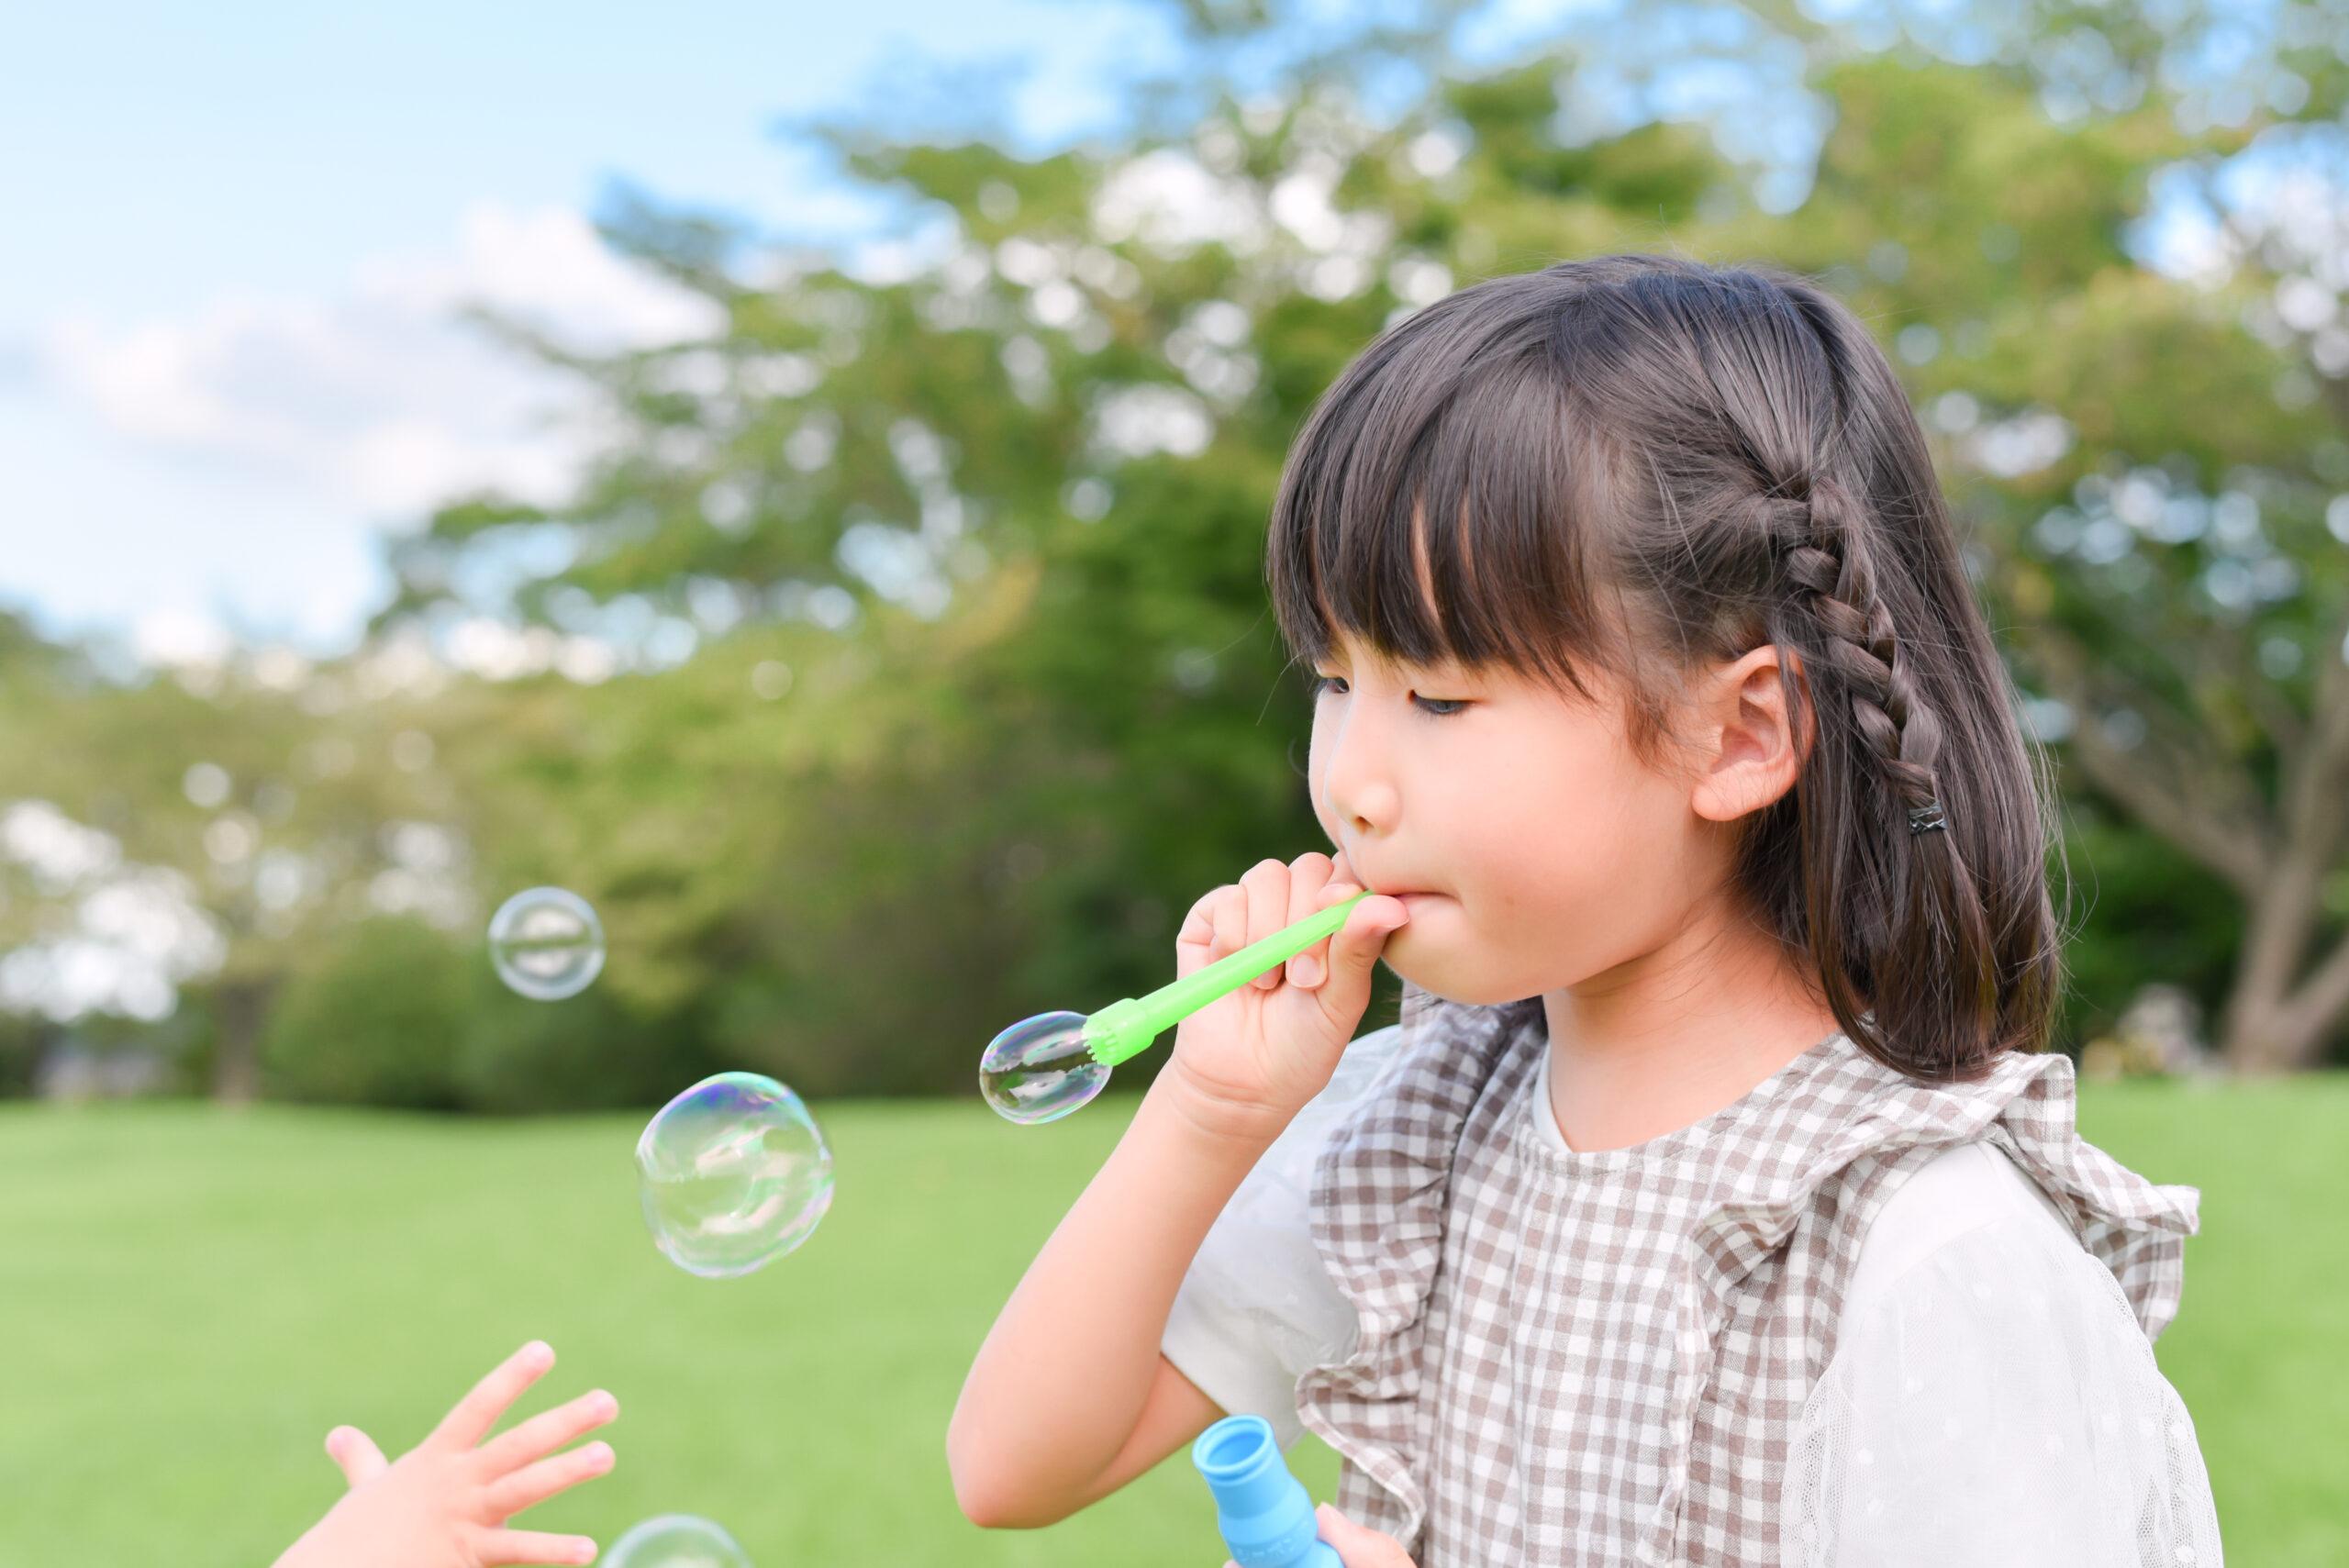 夏 公園 6歳 女の子 こども シャボン玉 写真撮影 ロケーションフォト 宇都宮